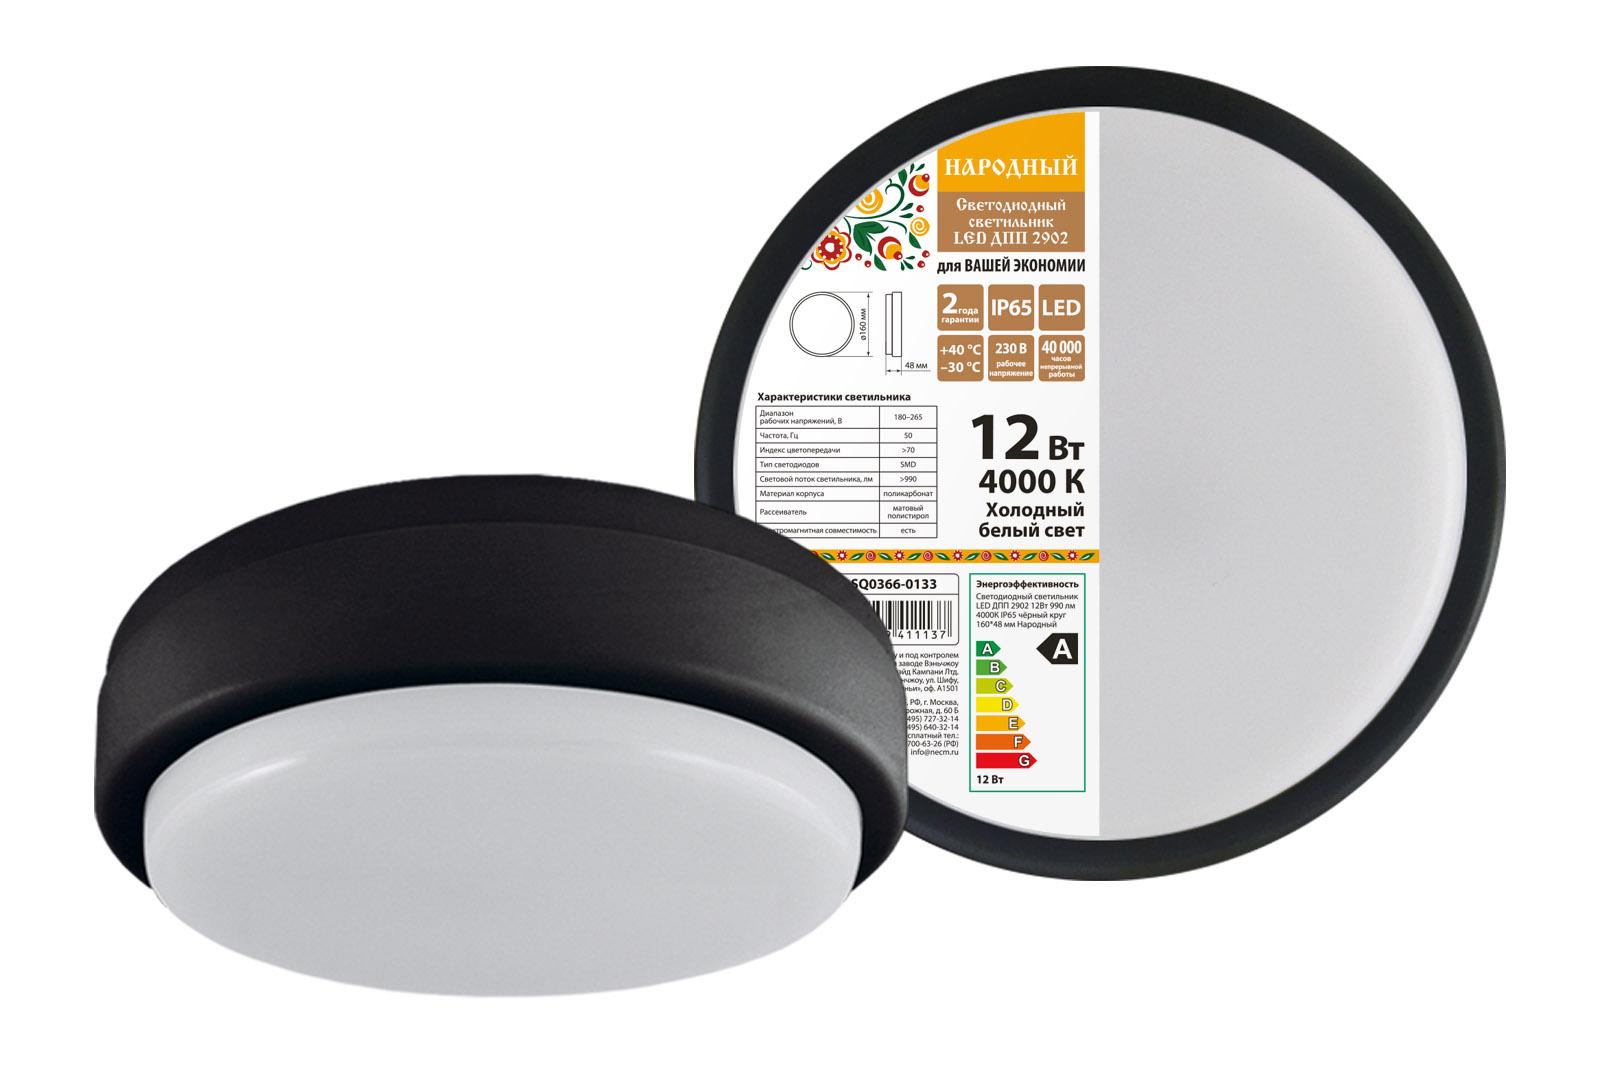 Фото Светодиодный светильник LED ДПП 2902 12Вт 990 лм 4000К IP65 чёрный круг 160*48 мм Народный {SQ0366-0133}